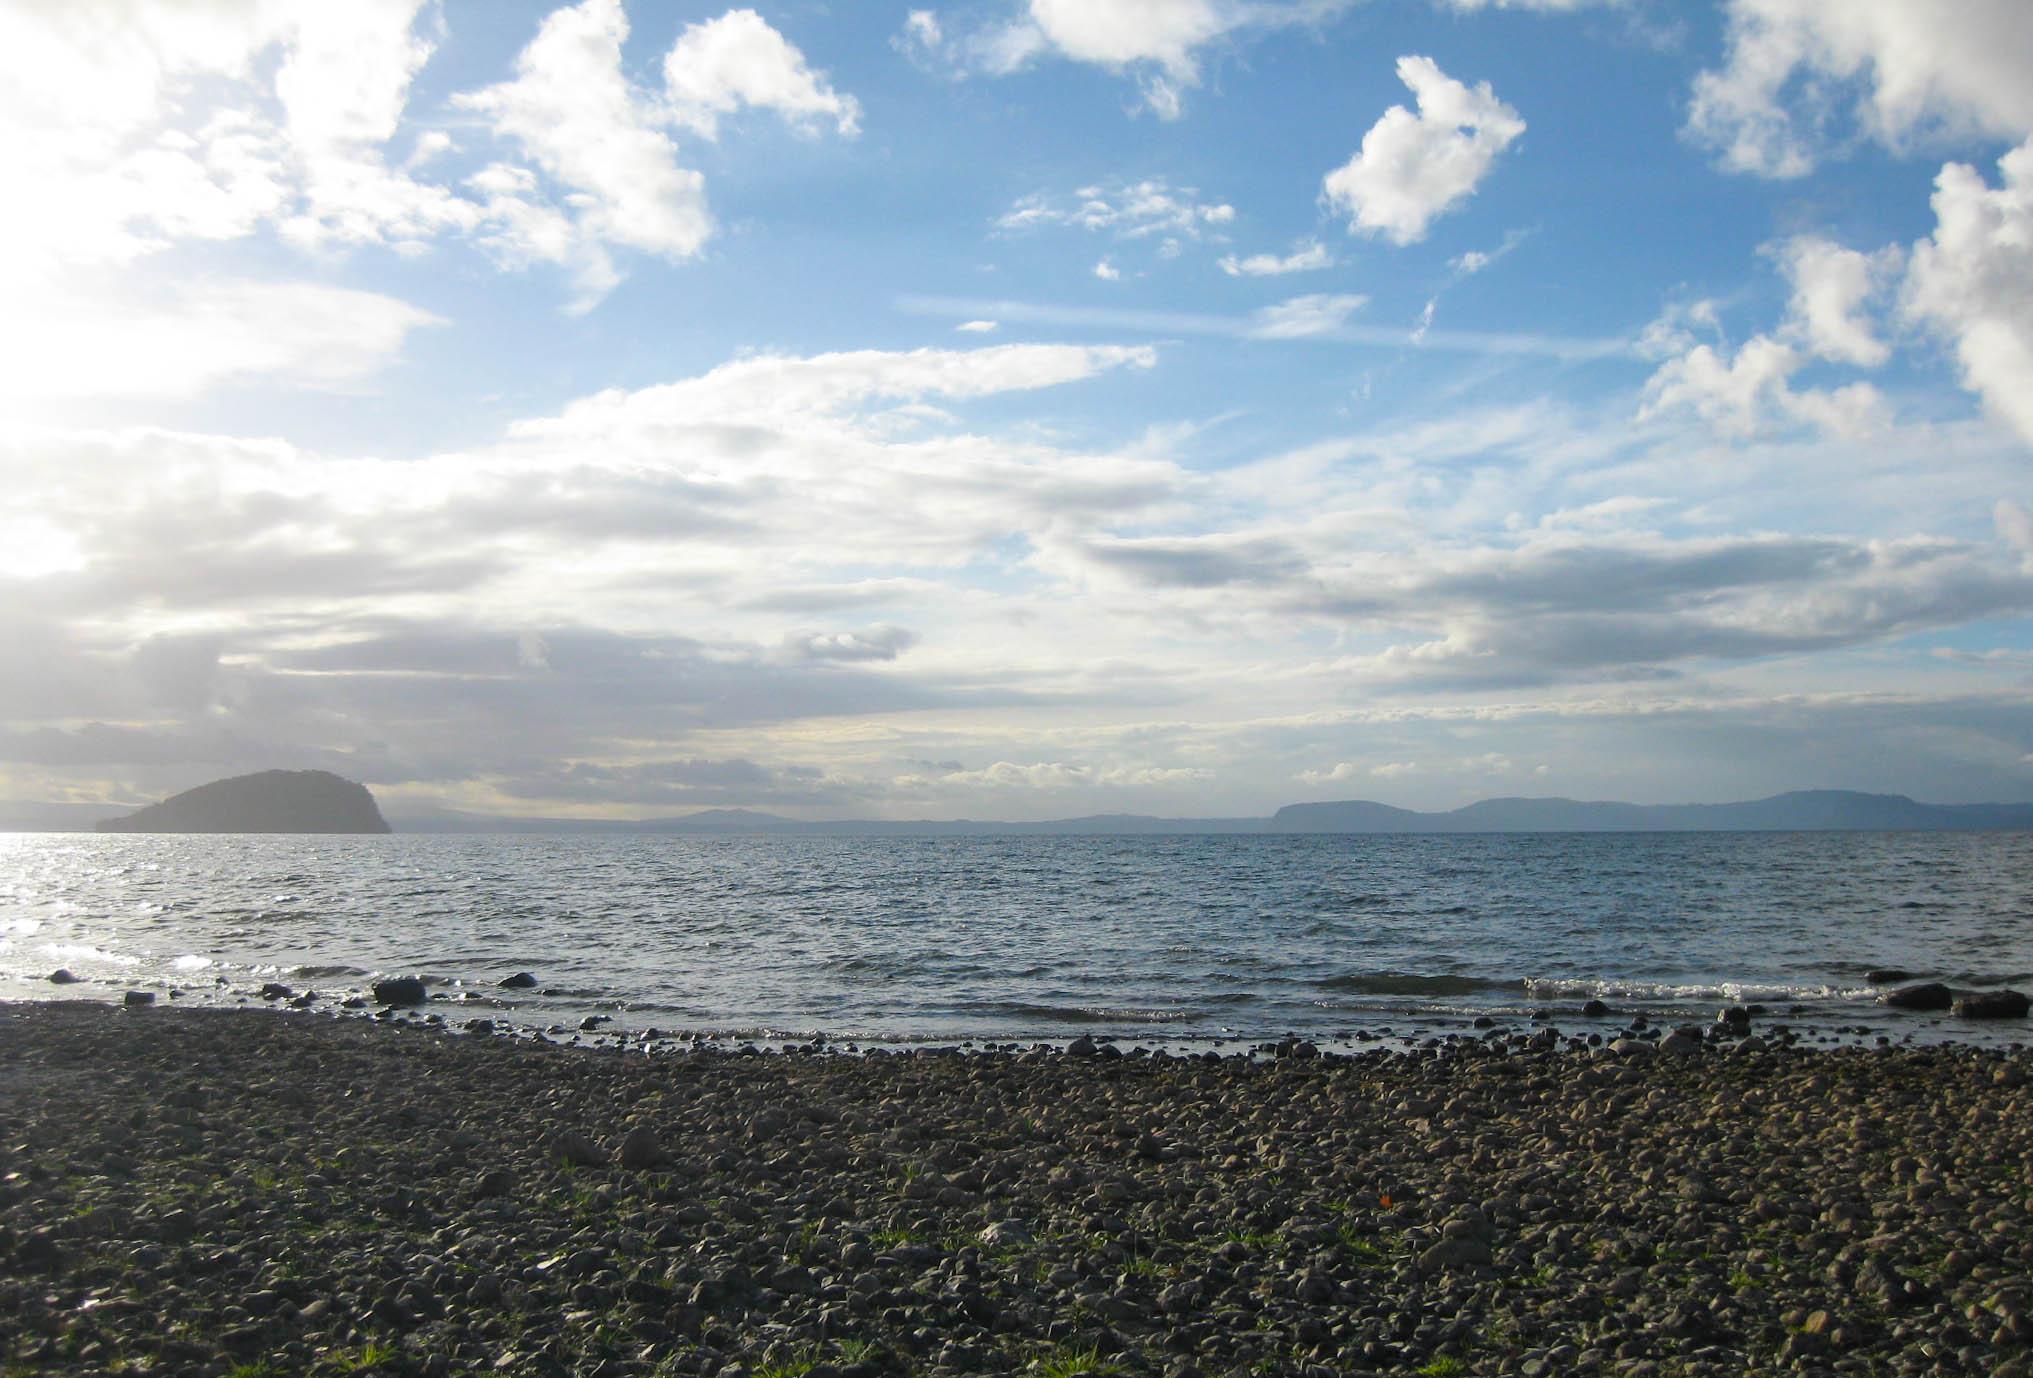 Nouvelle Zélande - Huka falls et lac taupo - Les lubies de louise (14 sur 18)